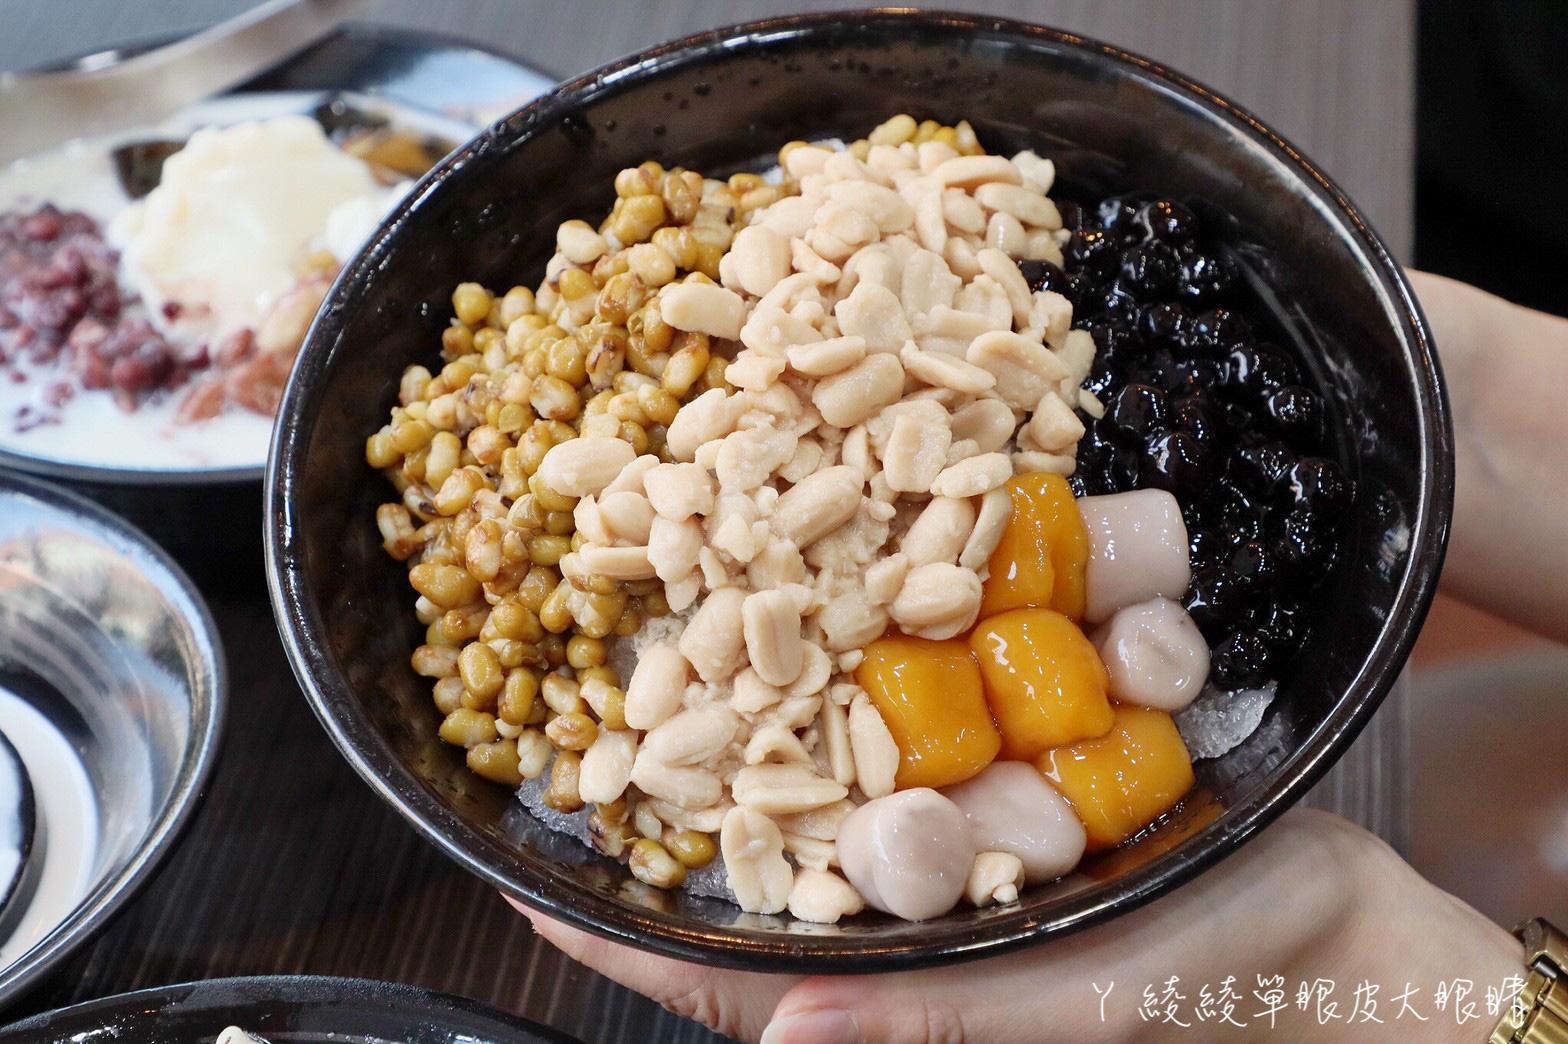 有愛心又好吃的豆花店!40元超值手工豆花料多到快滿出來,必吃冬瓜蒟蒻跟嫩仙草